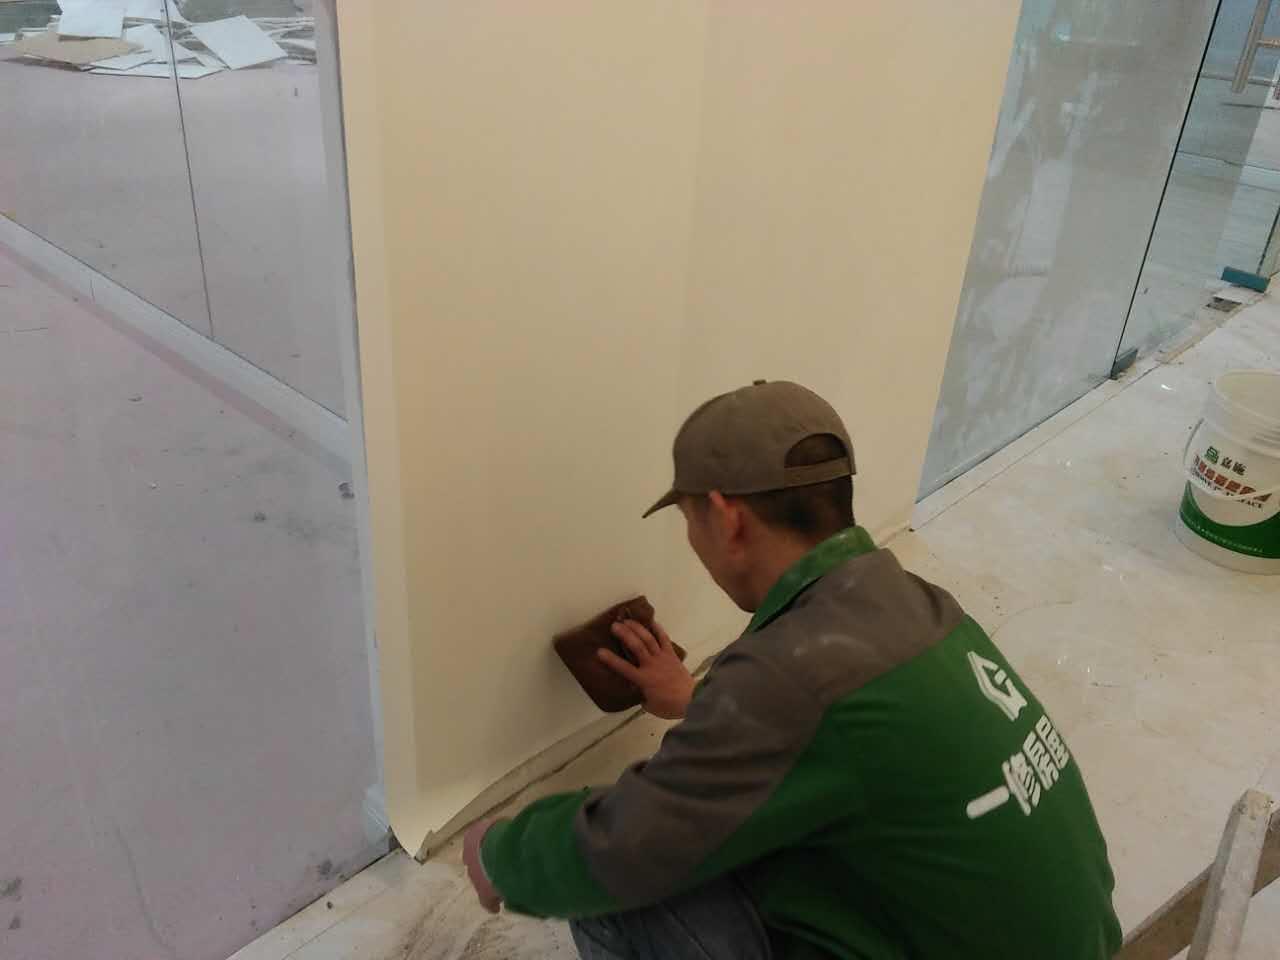 墙面直接刷涂料_旧房墙面贴墙纸怎么处理?这点不注意,小心墙纸起泡脱落 - 知乎